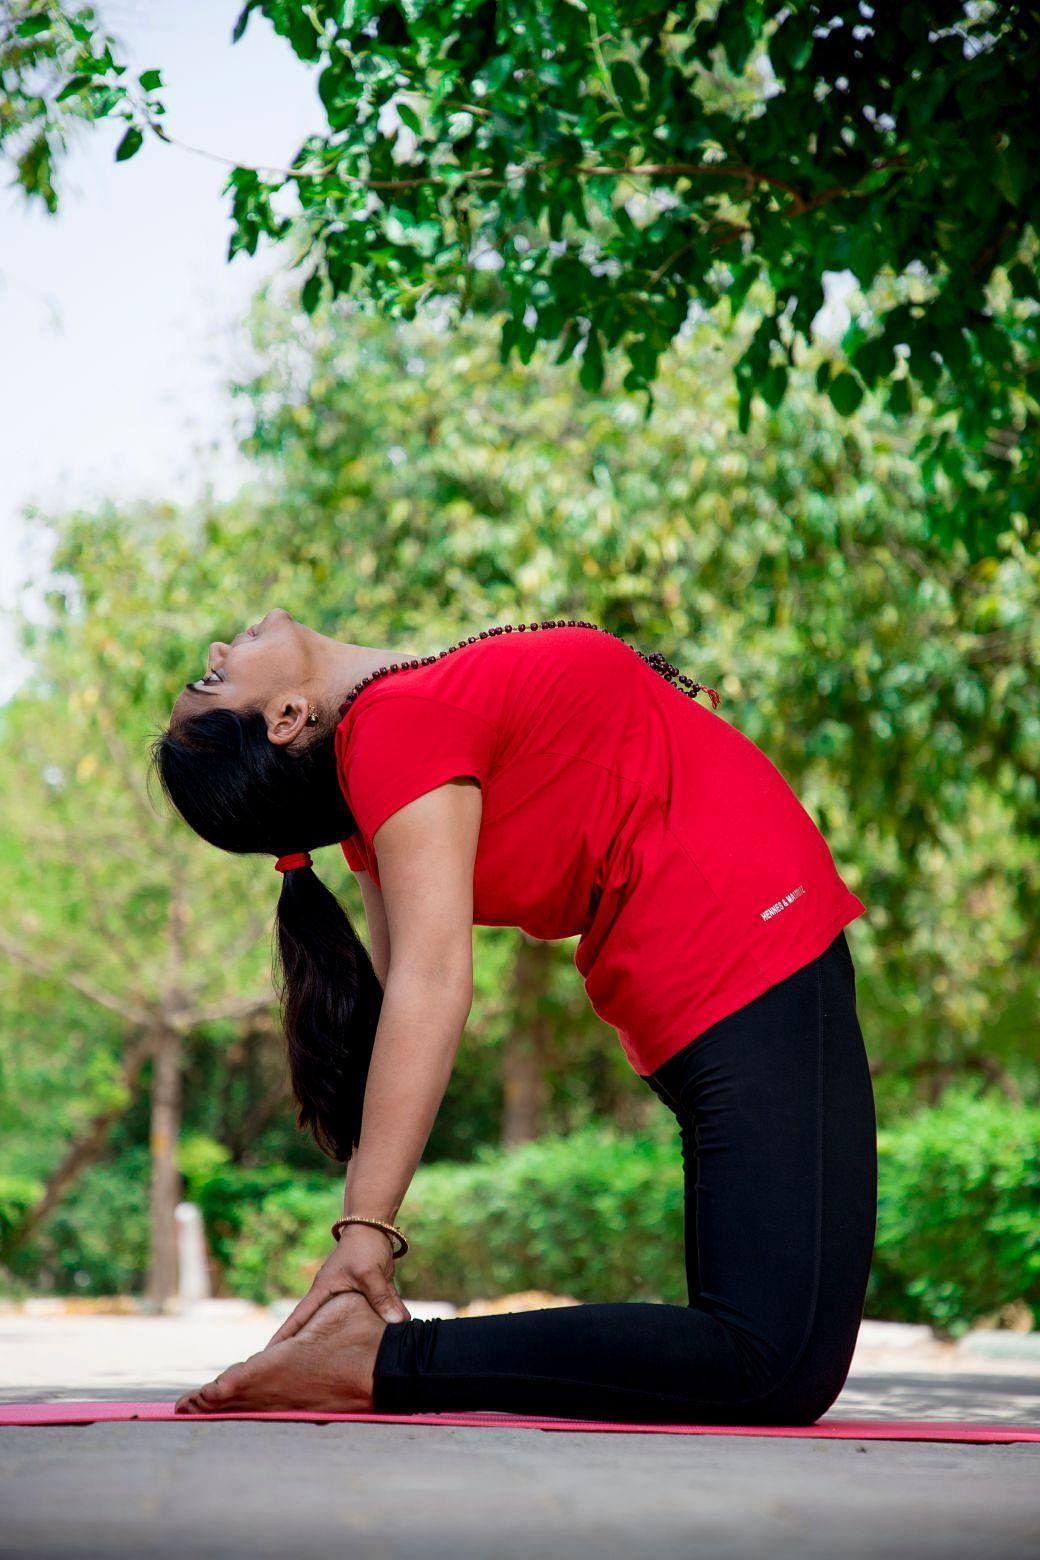 பணிக்குச் செல்லும் பெண்களுக்குப் பலன் தரும் 10 ஆசனங்கள் ... சர்வதேச யோகாதினப் பகிர்வு! #WorldYogaDay